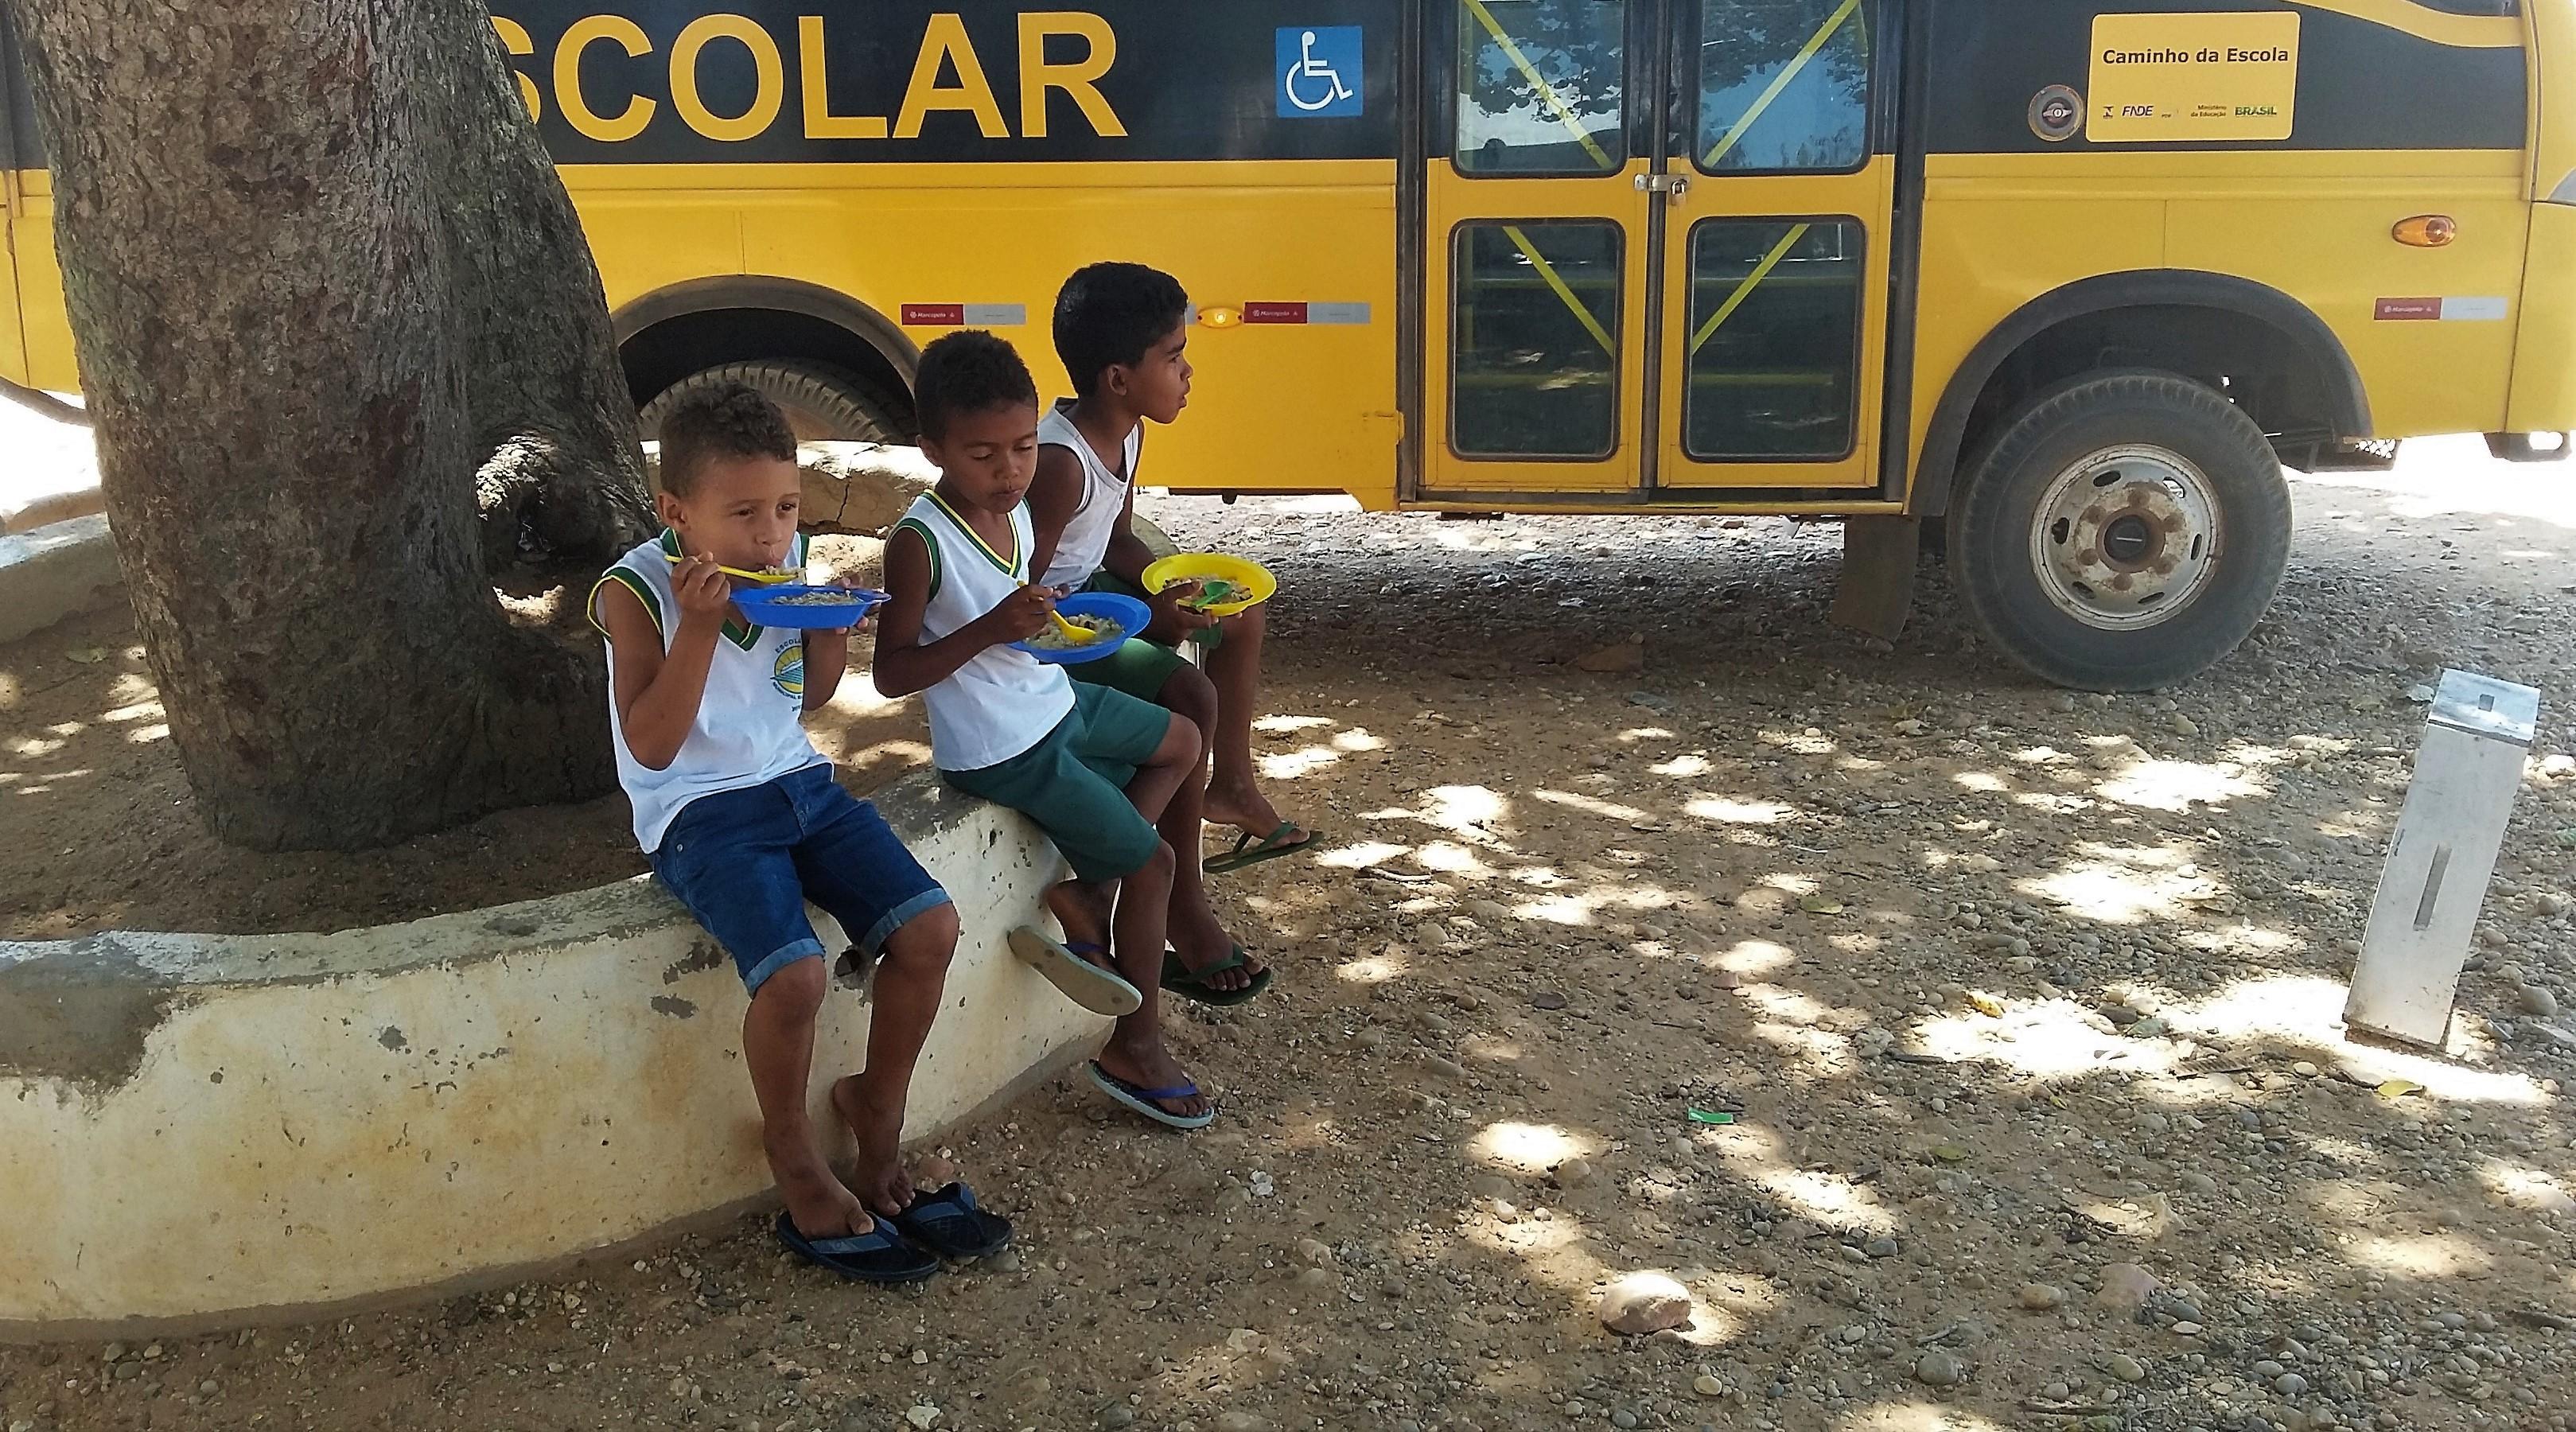 Os alunos merendavam fora da escola por não suportar o calor que fazia dentro dela. Foto: Paulo Oliveira